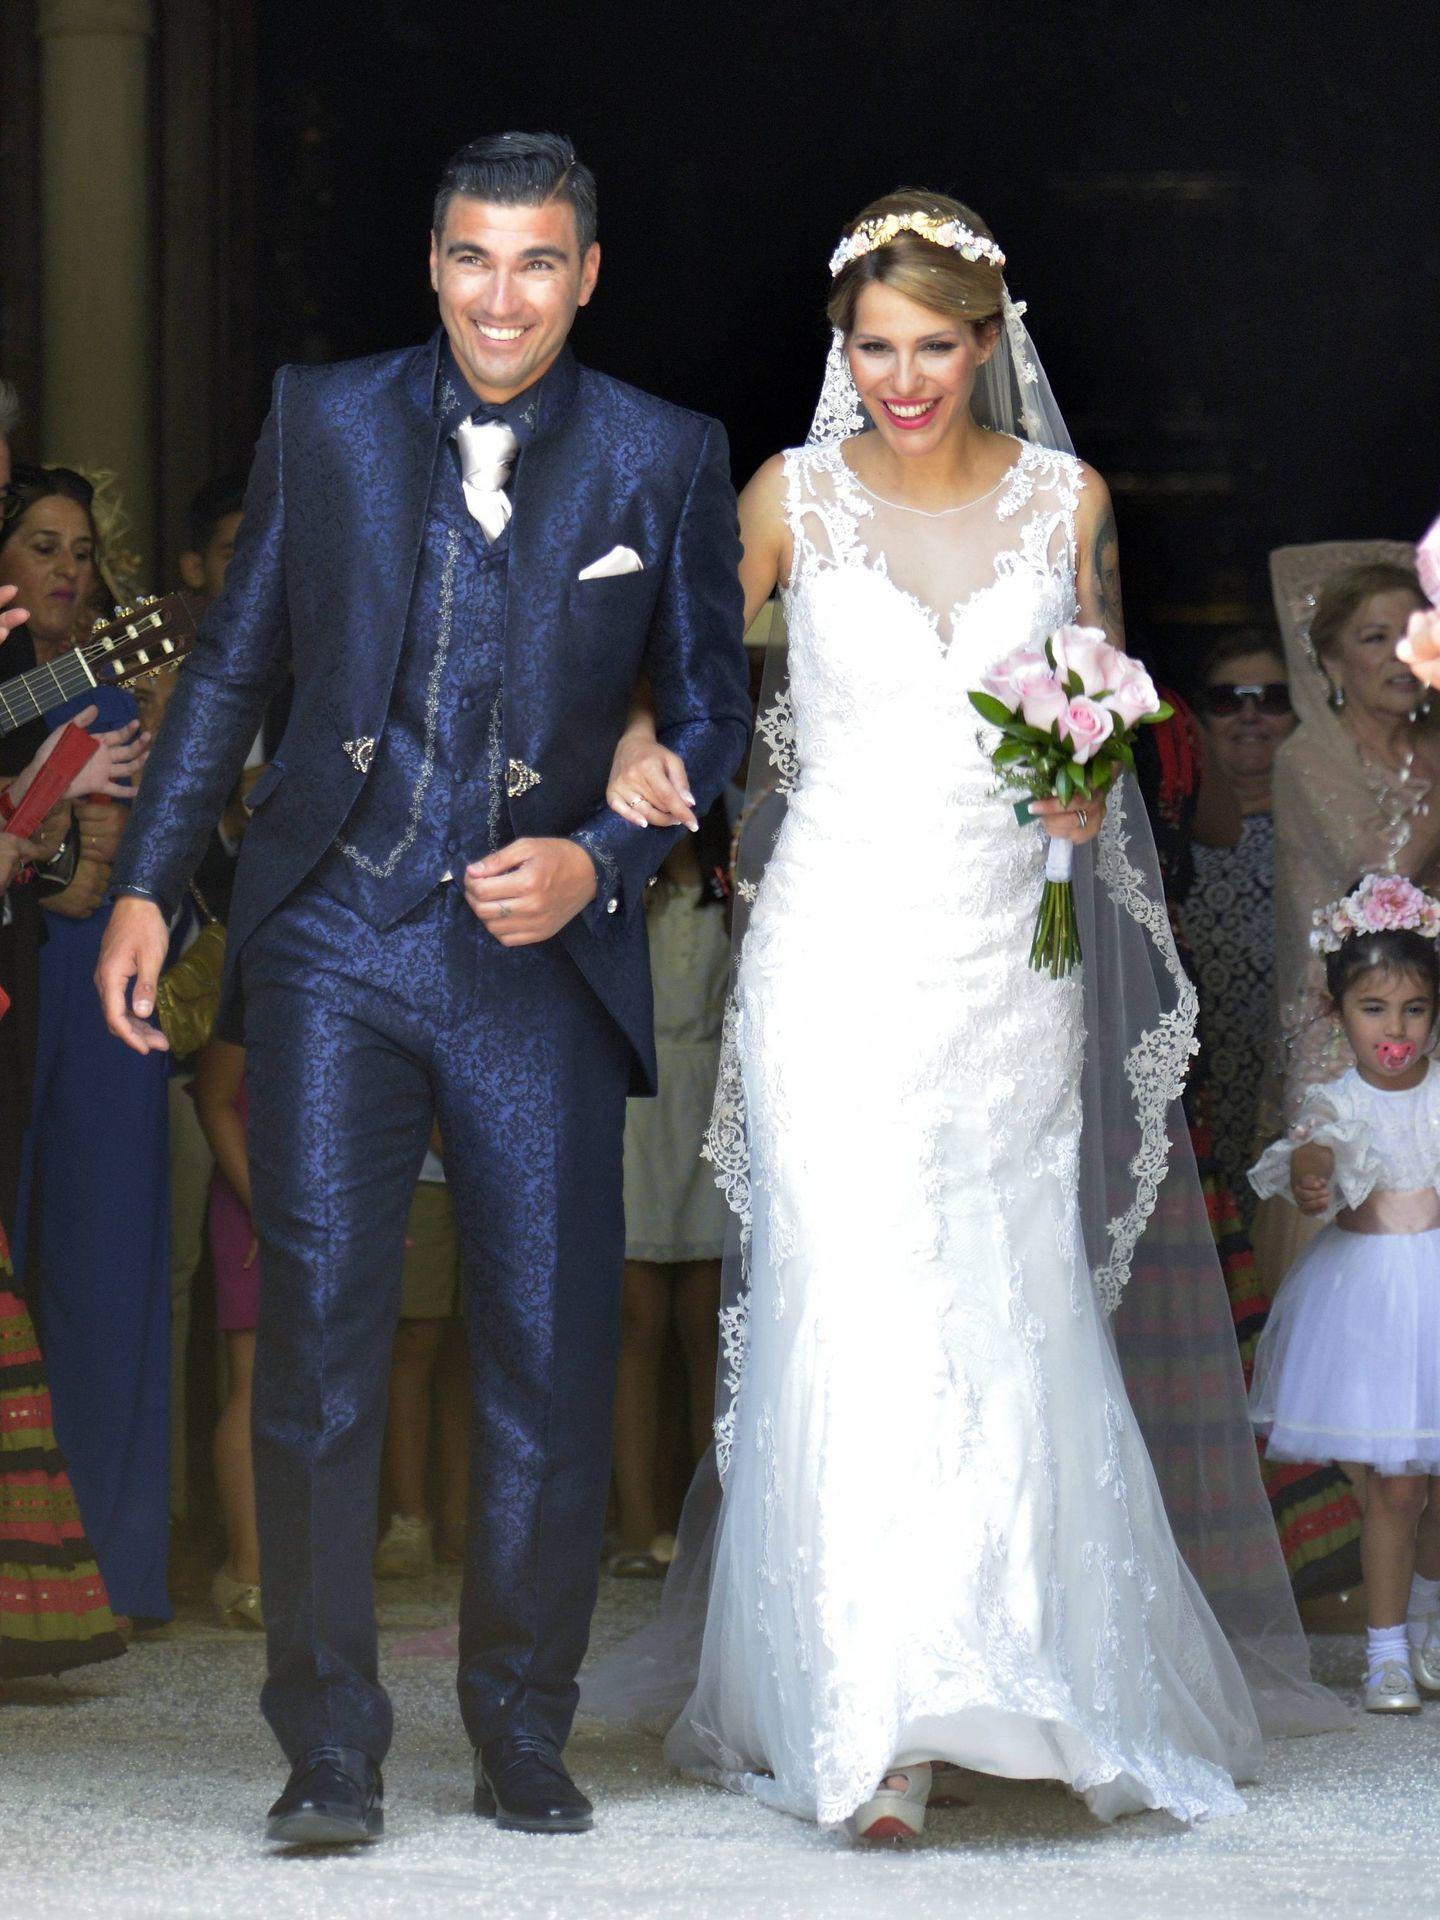 José Antonio Reyes y Noelia López, el día de su boda. (Cordon Press)